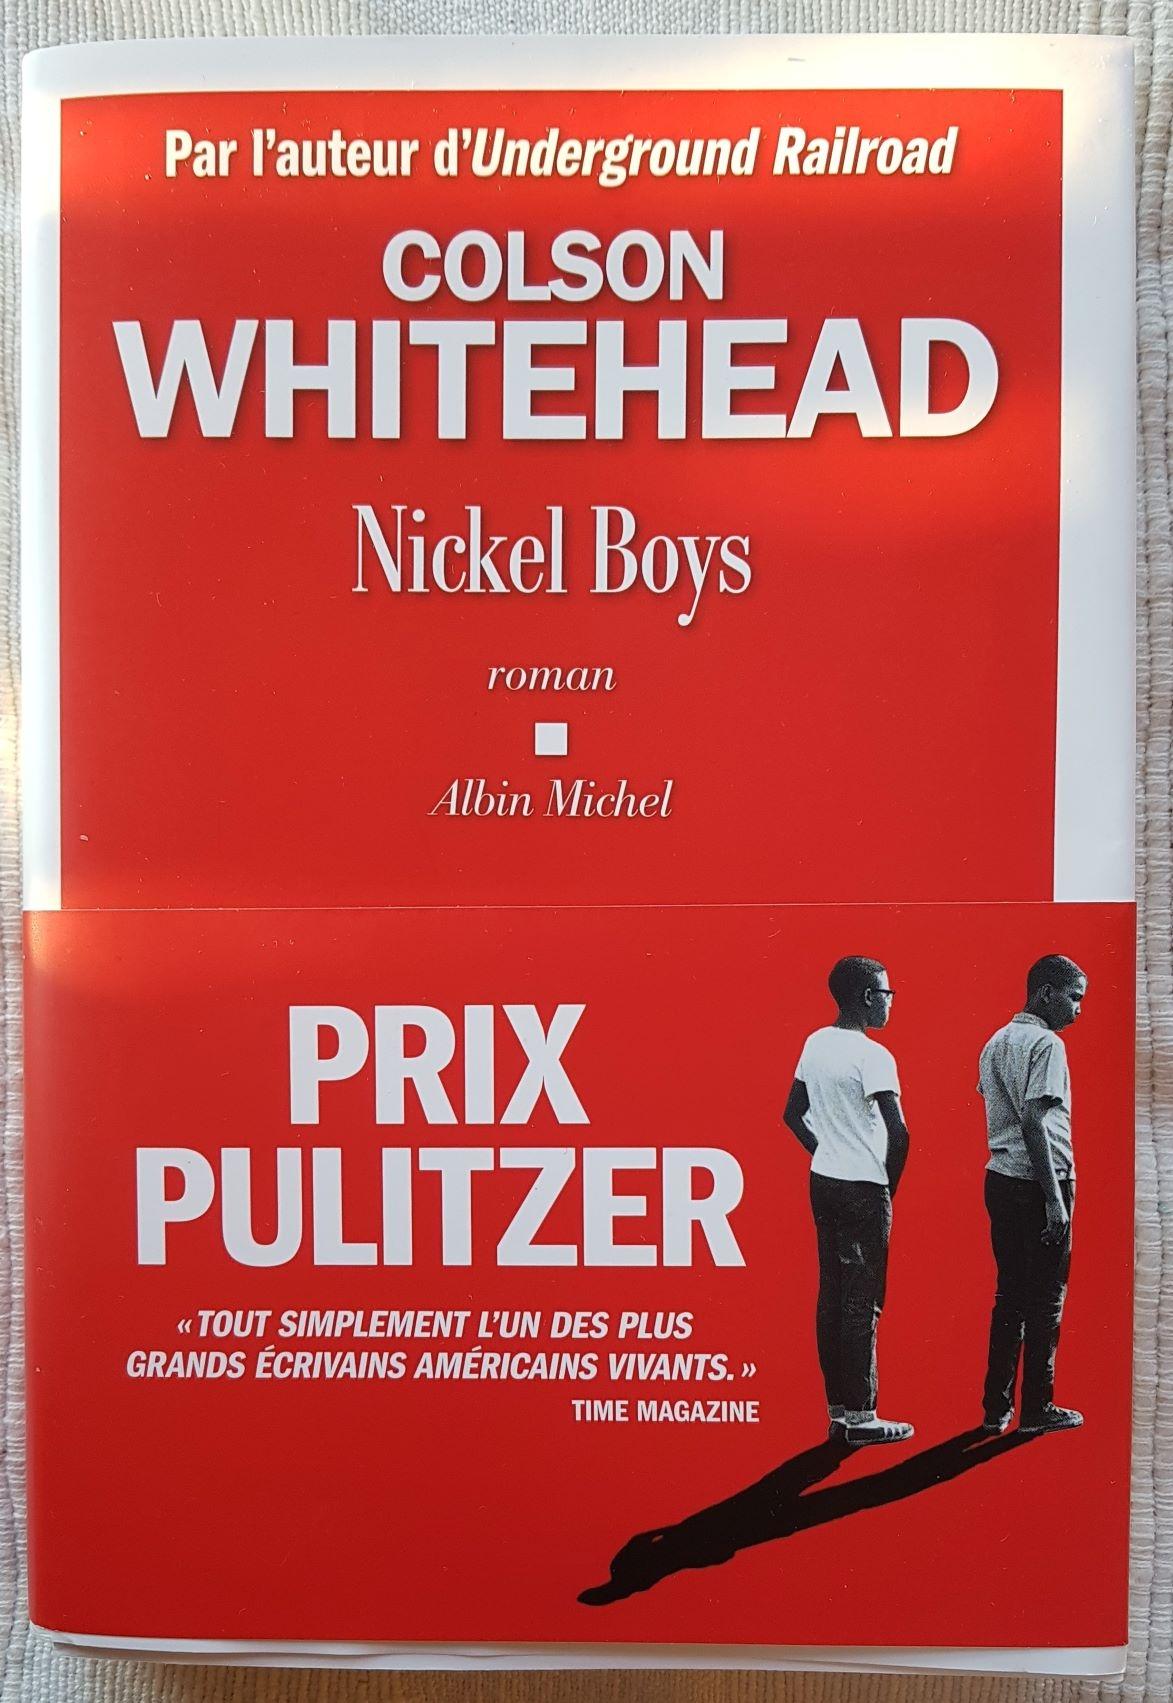 Nickel Boys